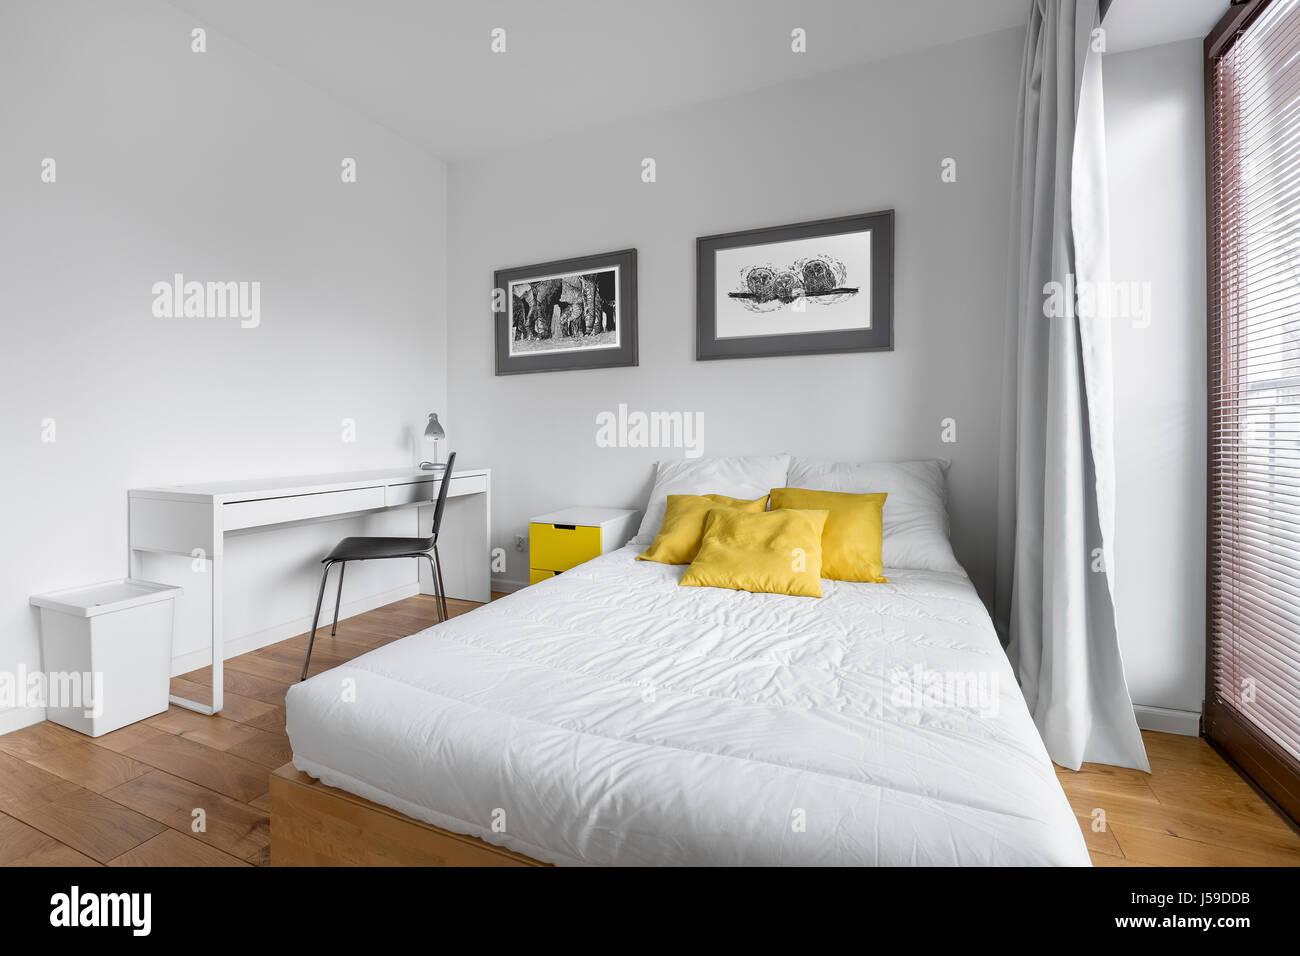 Accessori Per Camera Da Letto Bianca : Accogliente camera da letto bianca con big twin size e accessori